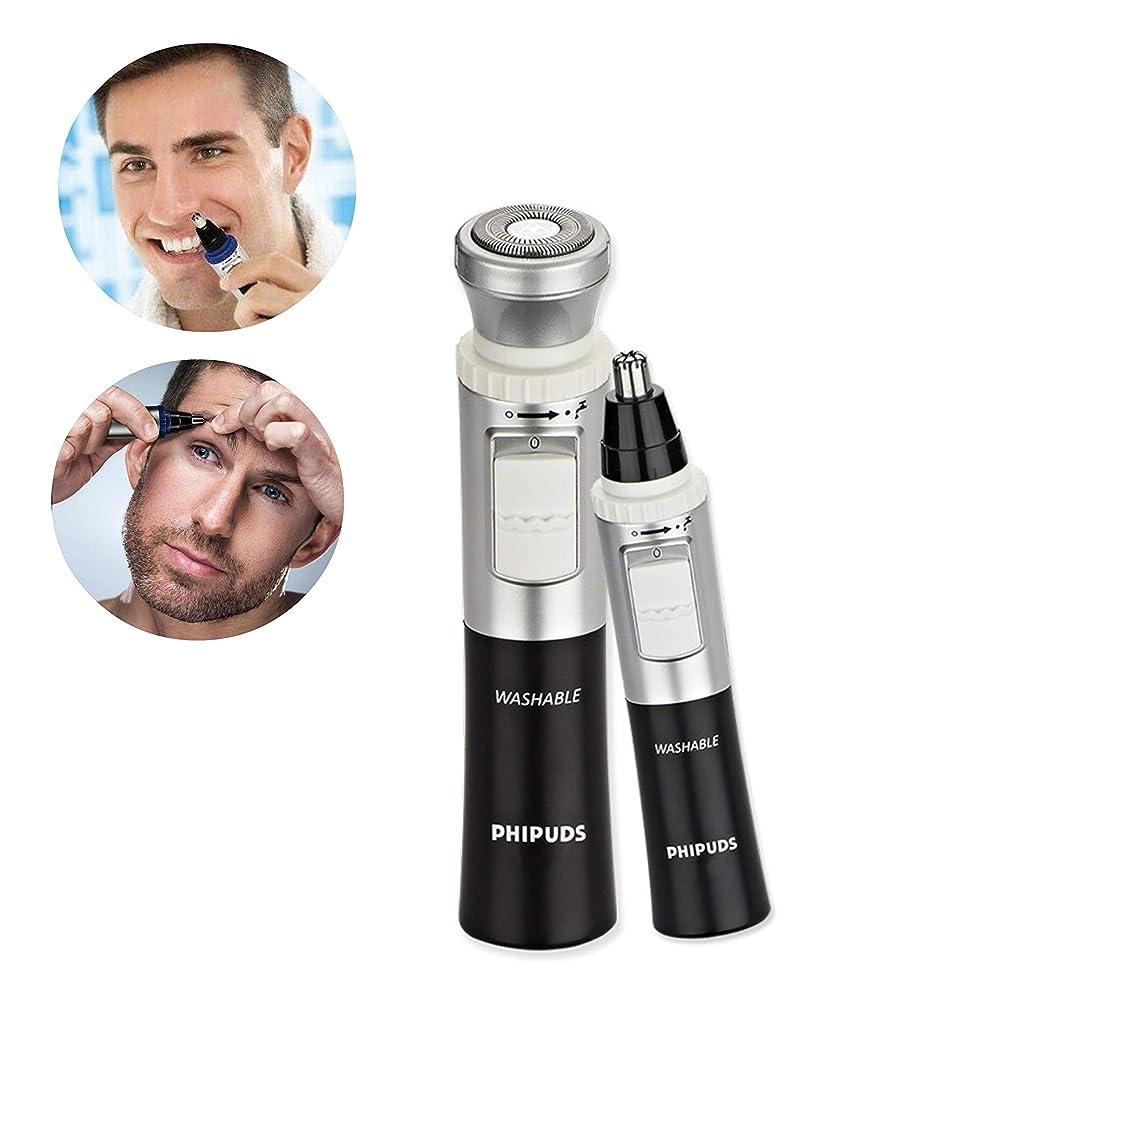 マンハッタン男らしさエキスパートIsland chief 電動 メンズシェーバー 鼻毛カッター 1台2役 電池式 髭剃り 水洗い可